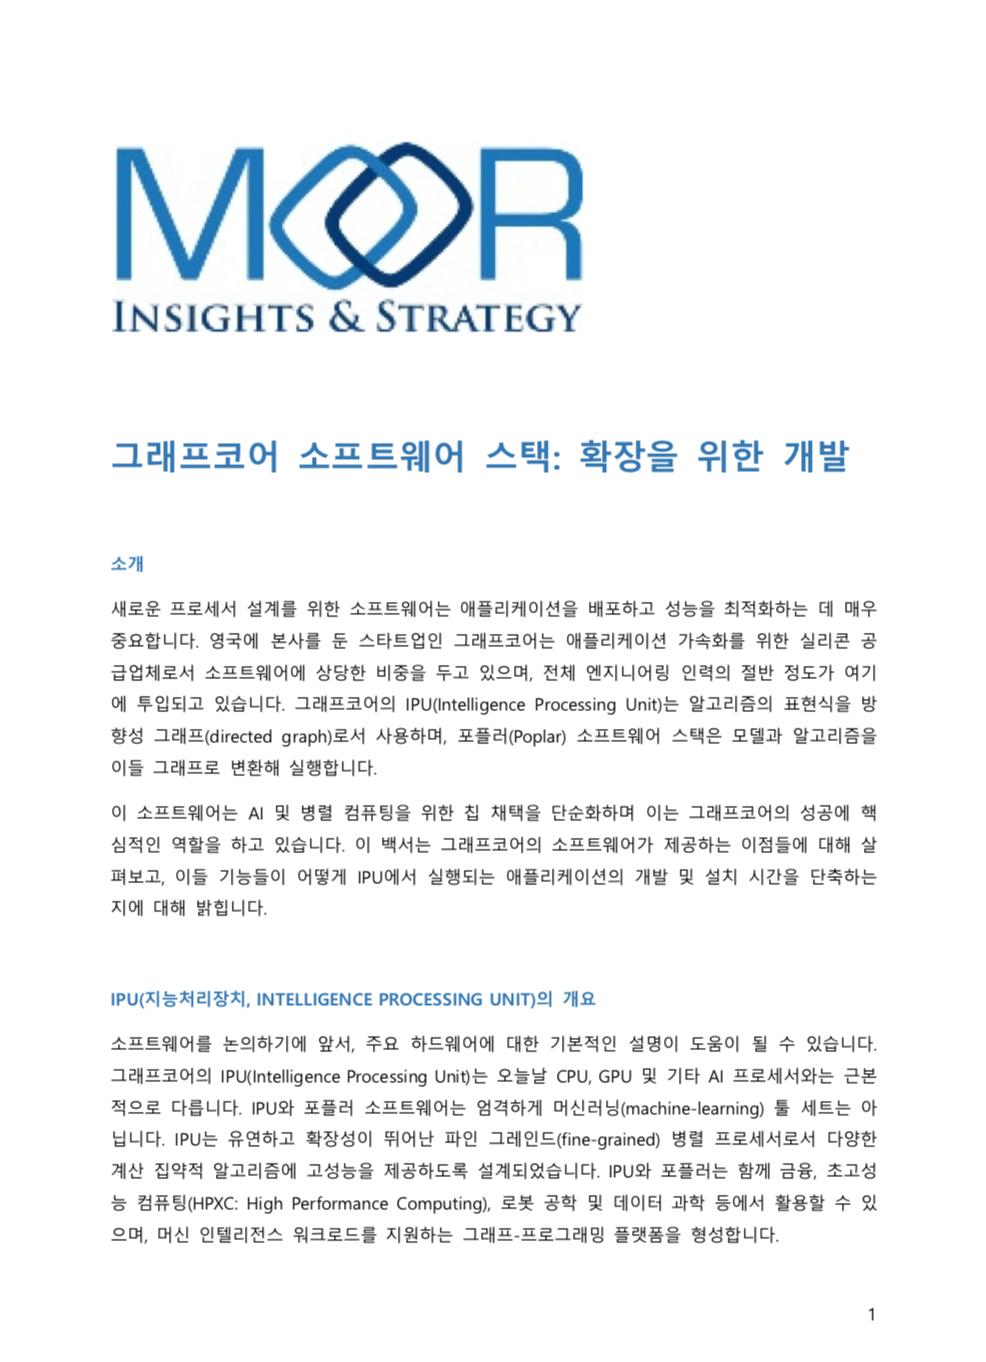 무어인사이트앤스트레티지(Moor Insights and Strategy) 백서